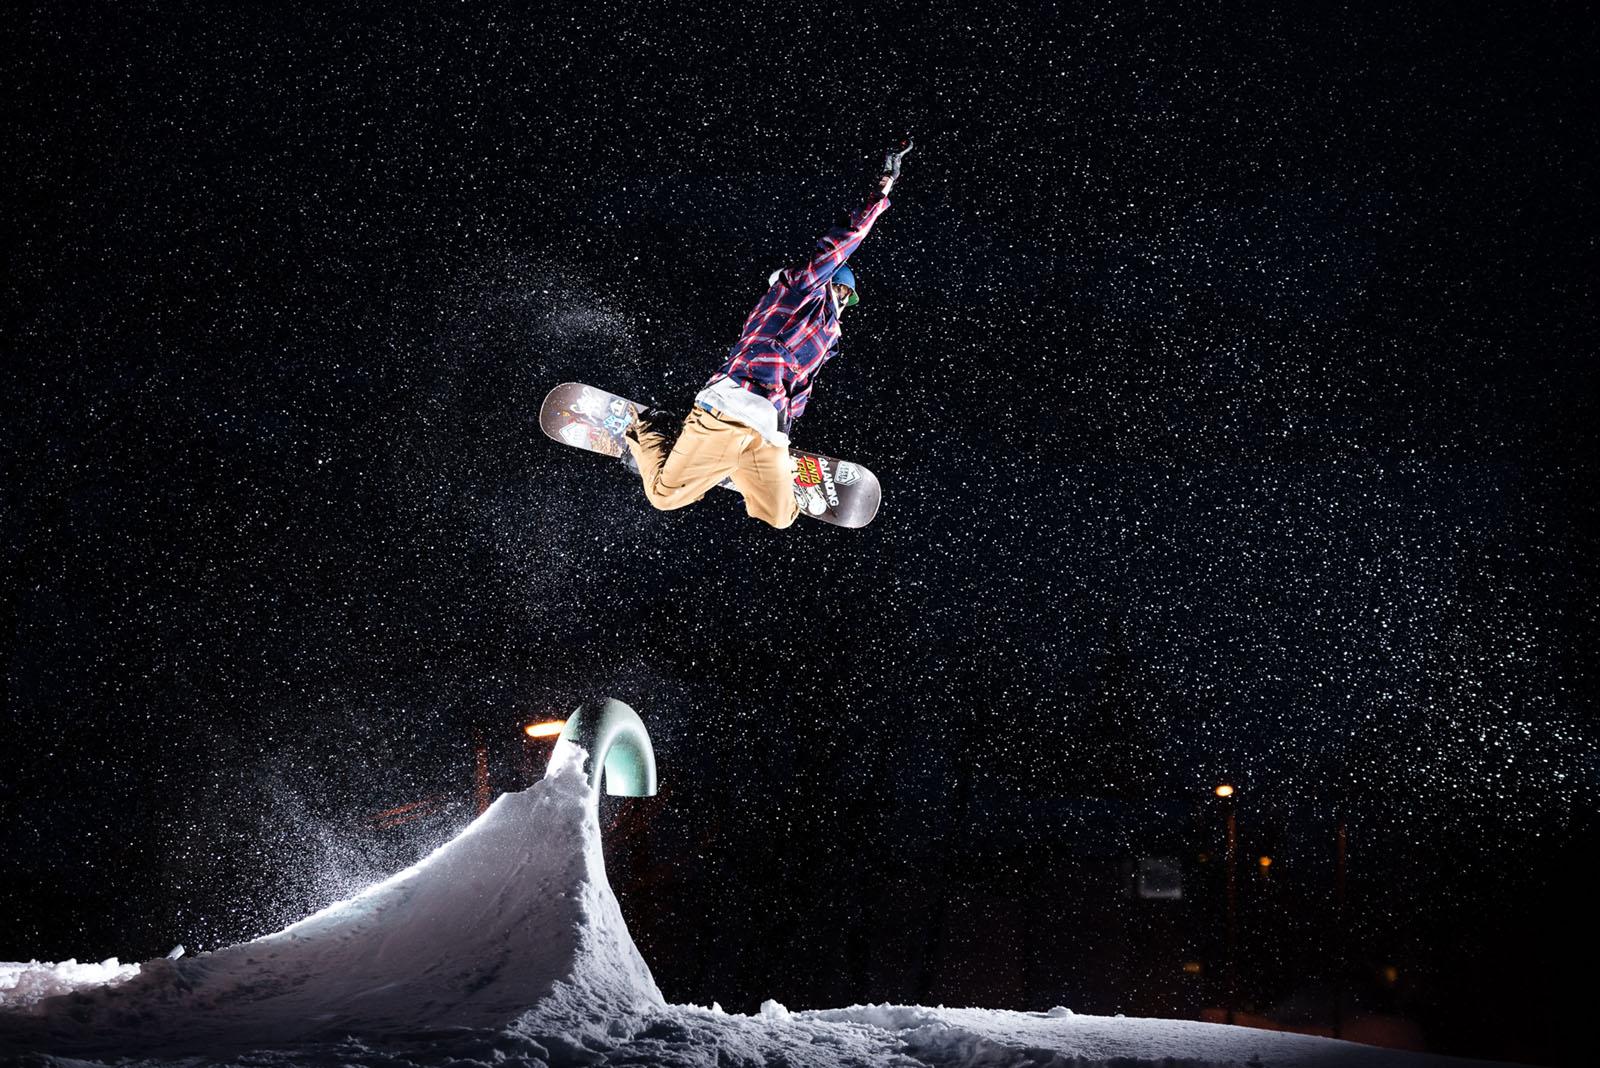 2019, Vallerret, Voss, flash, snowboarding, winter, photo